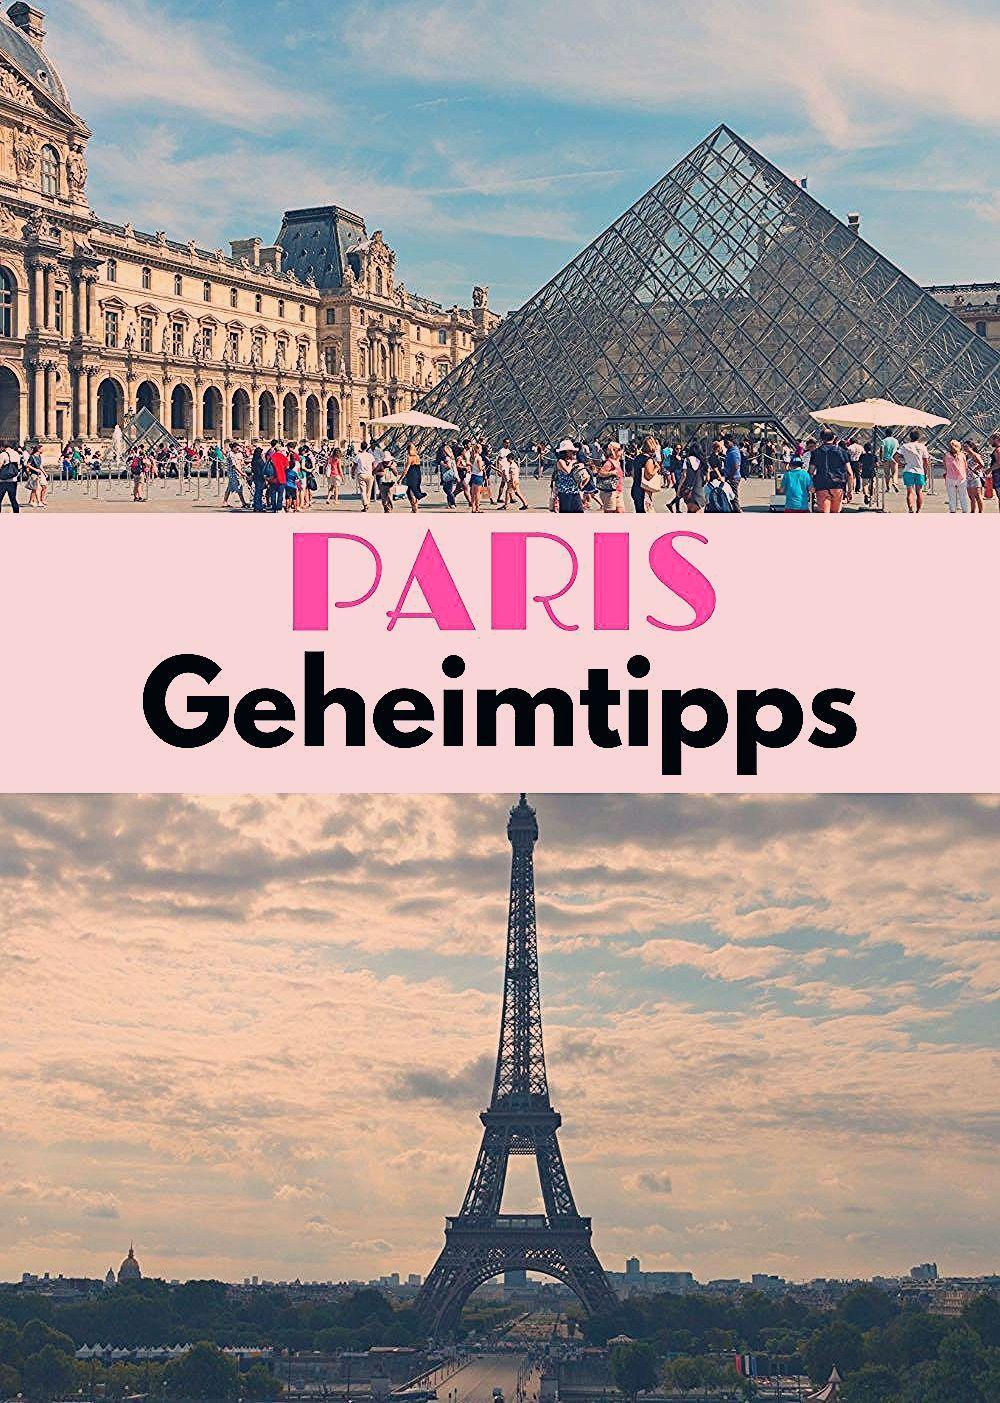 Paris Geheimtipps einer Einheimischen - Reiseblog Travel on Toast